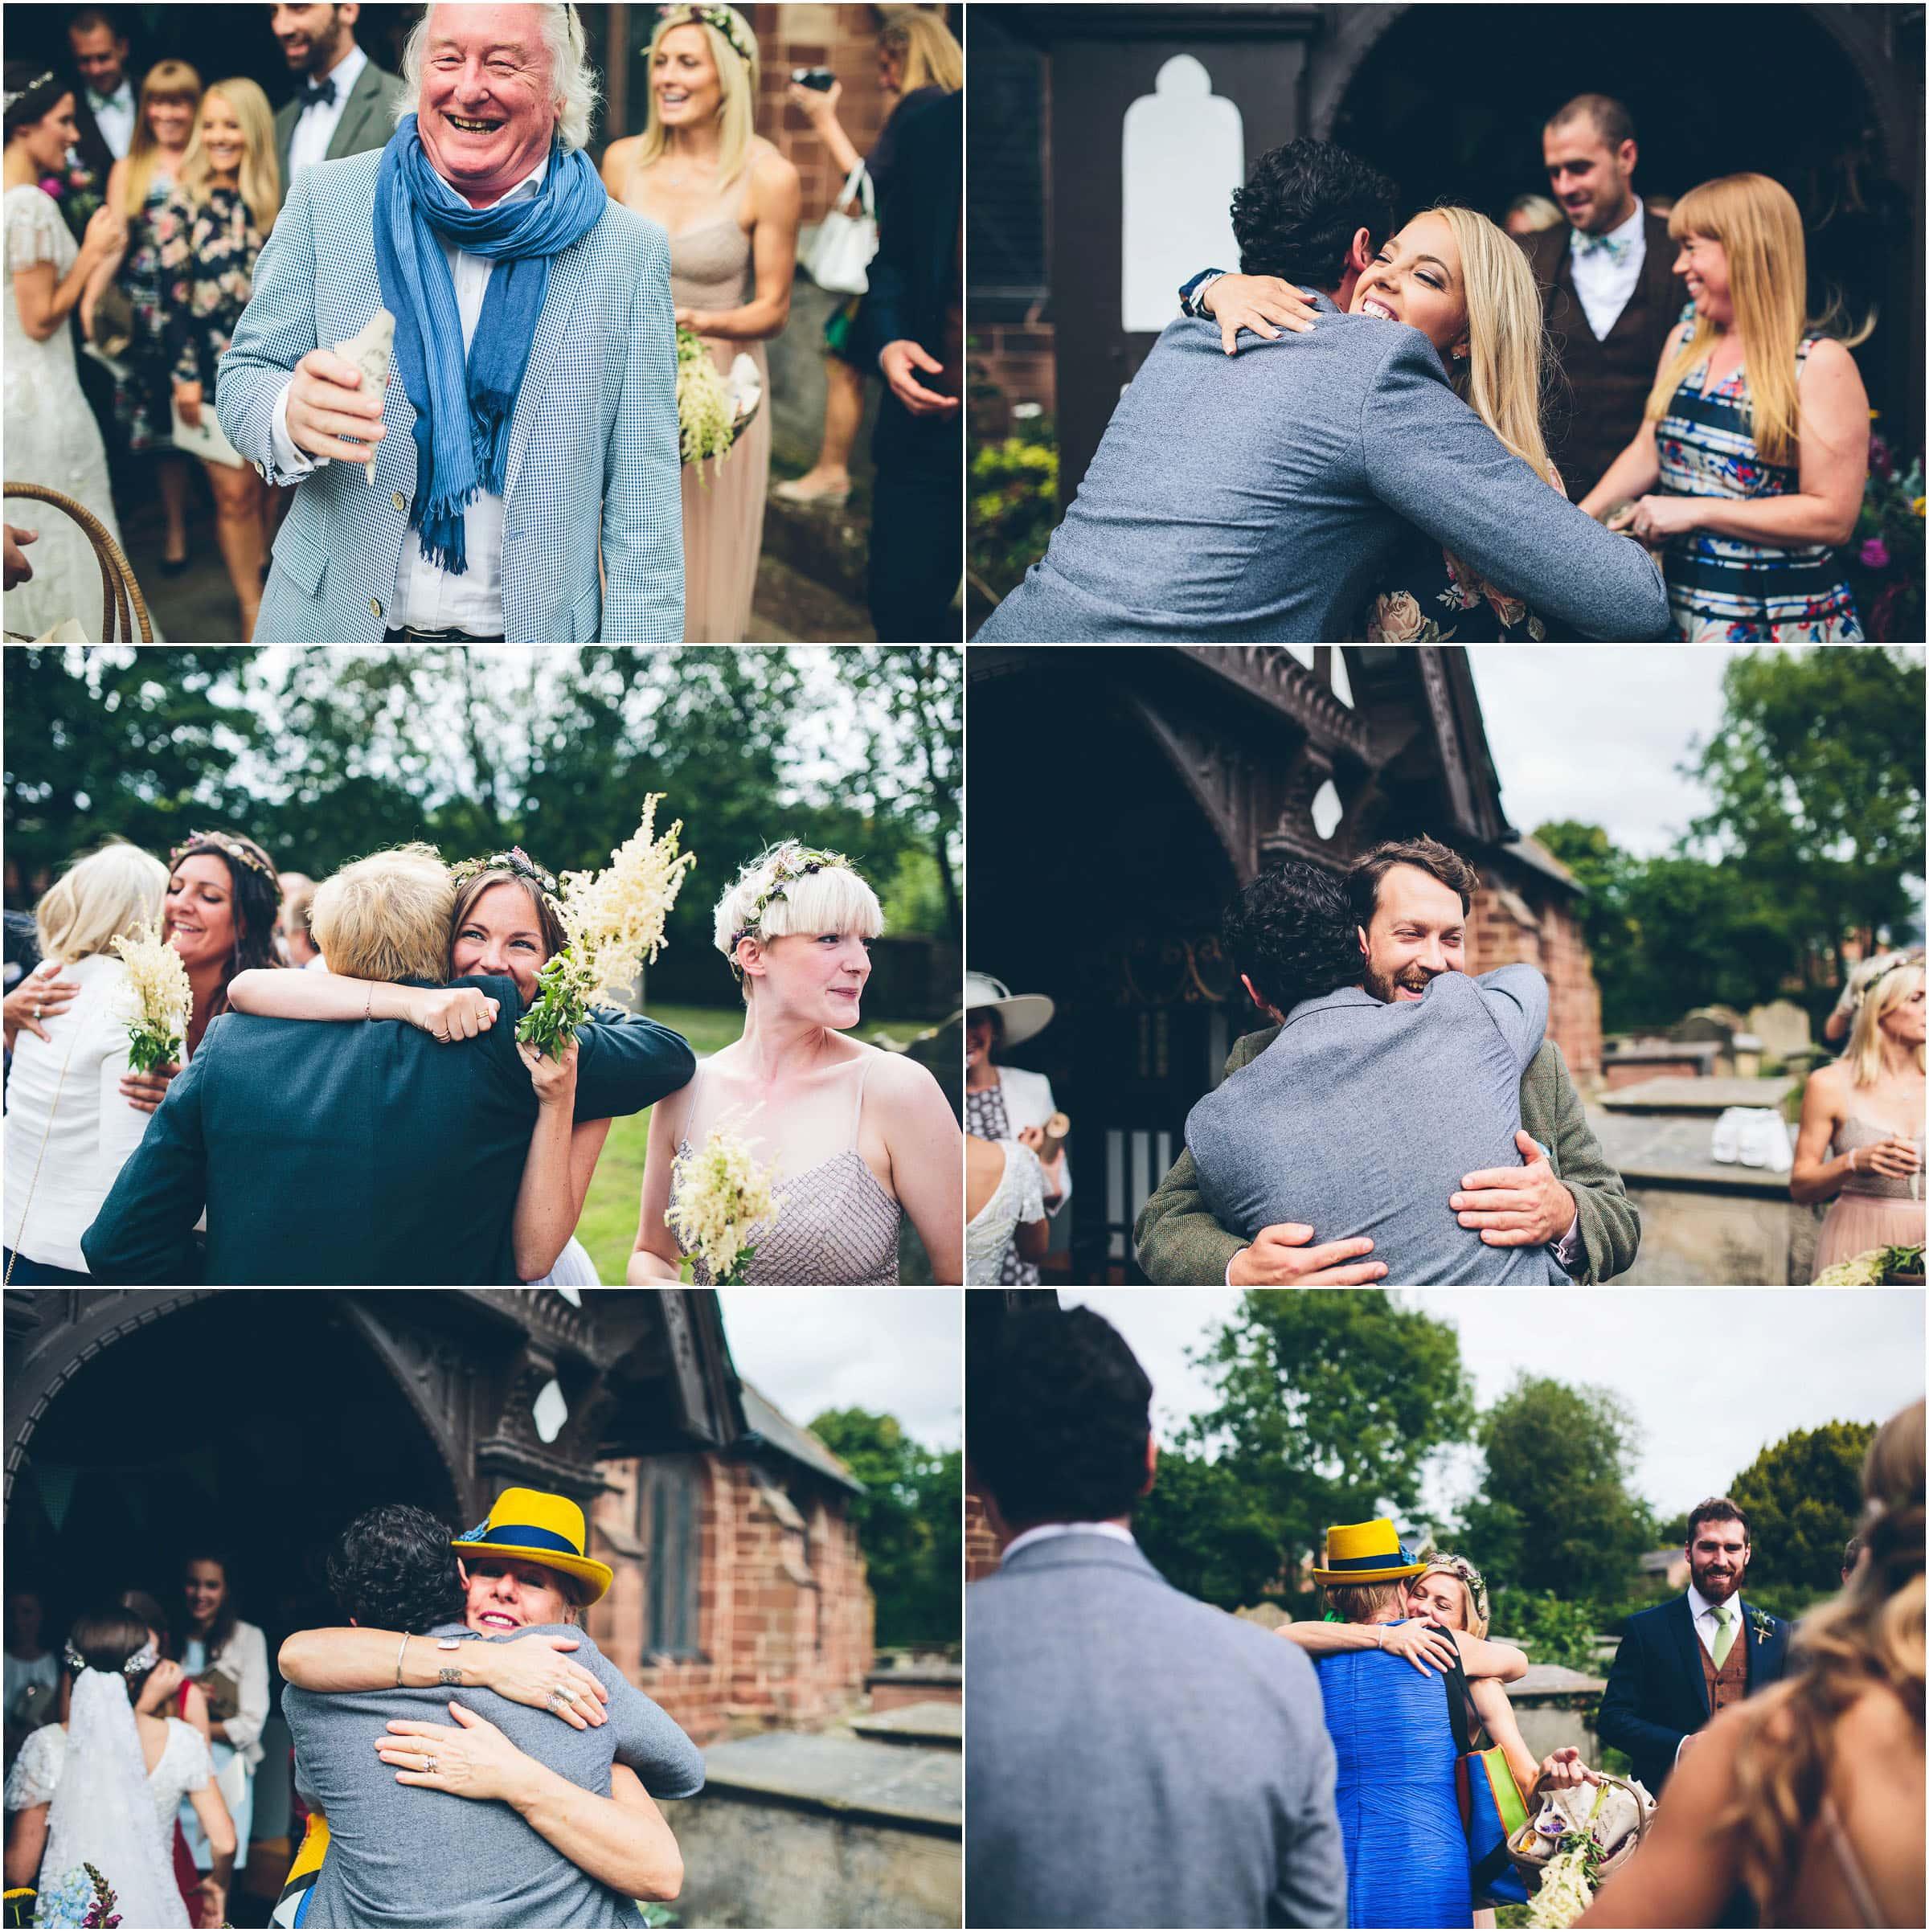 Harthill_Weddings_Wedding_Photography_0060